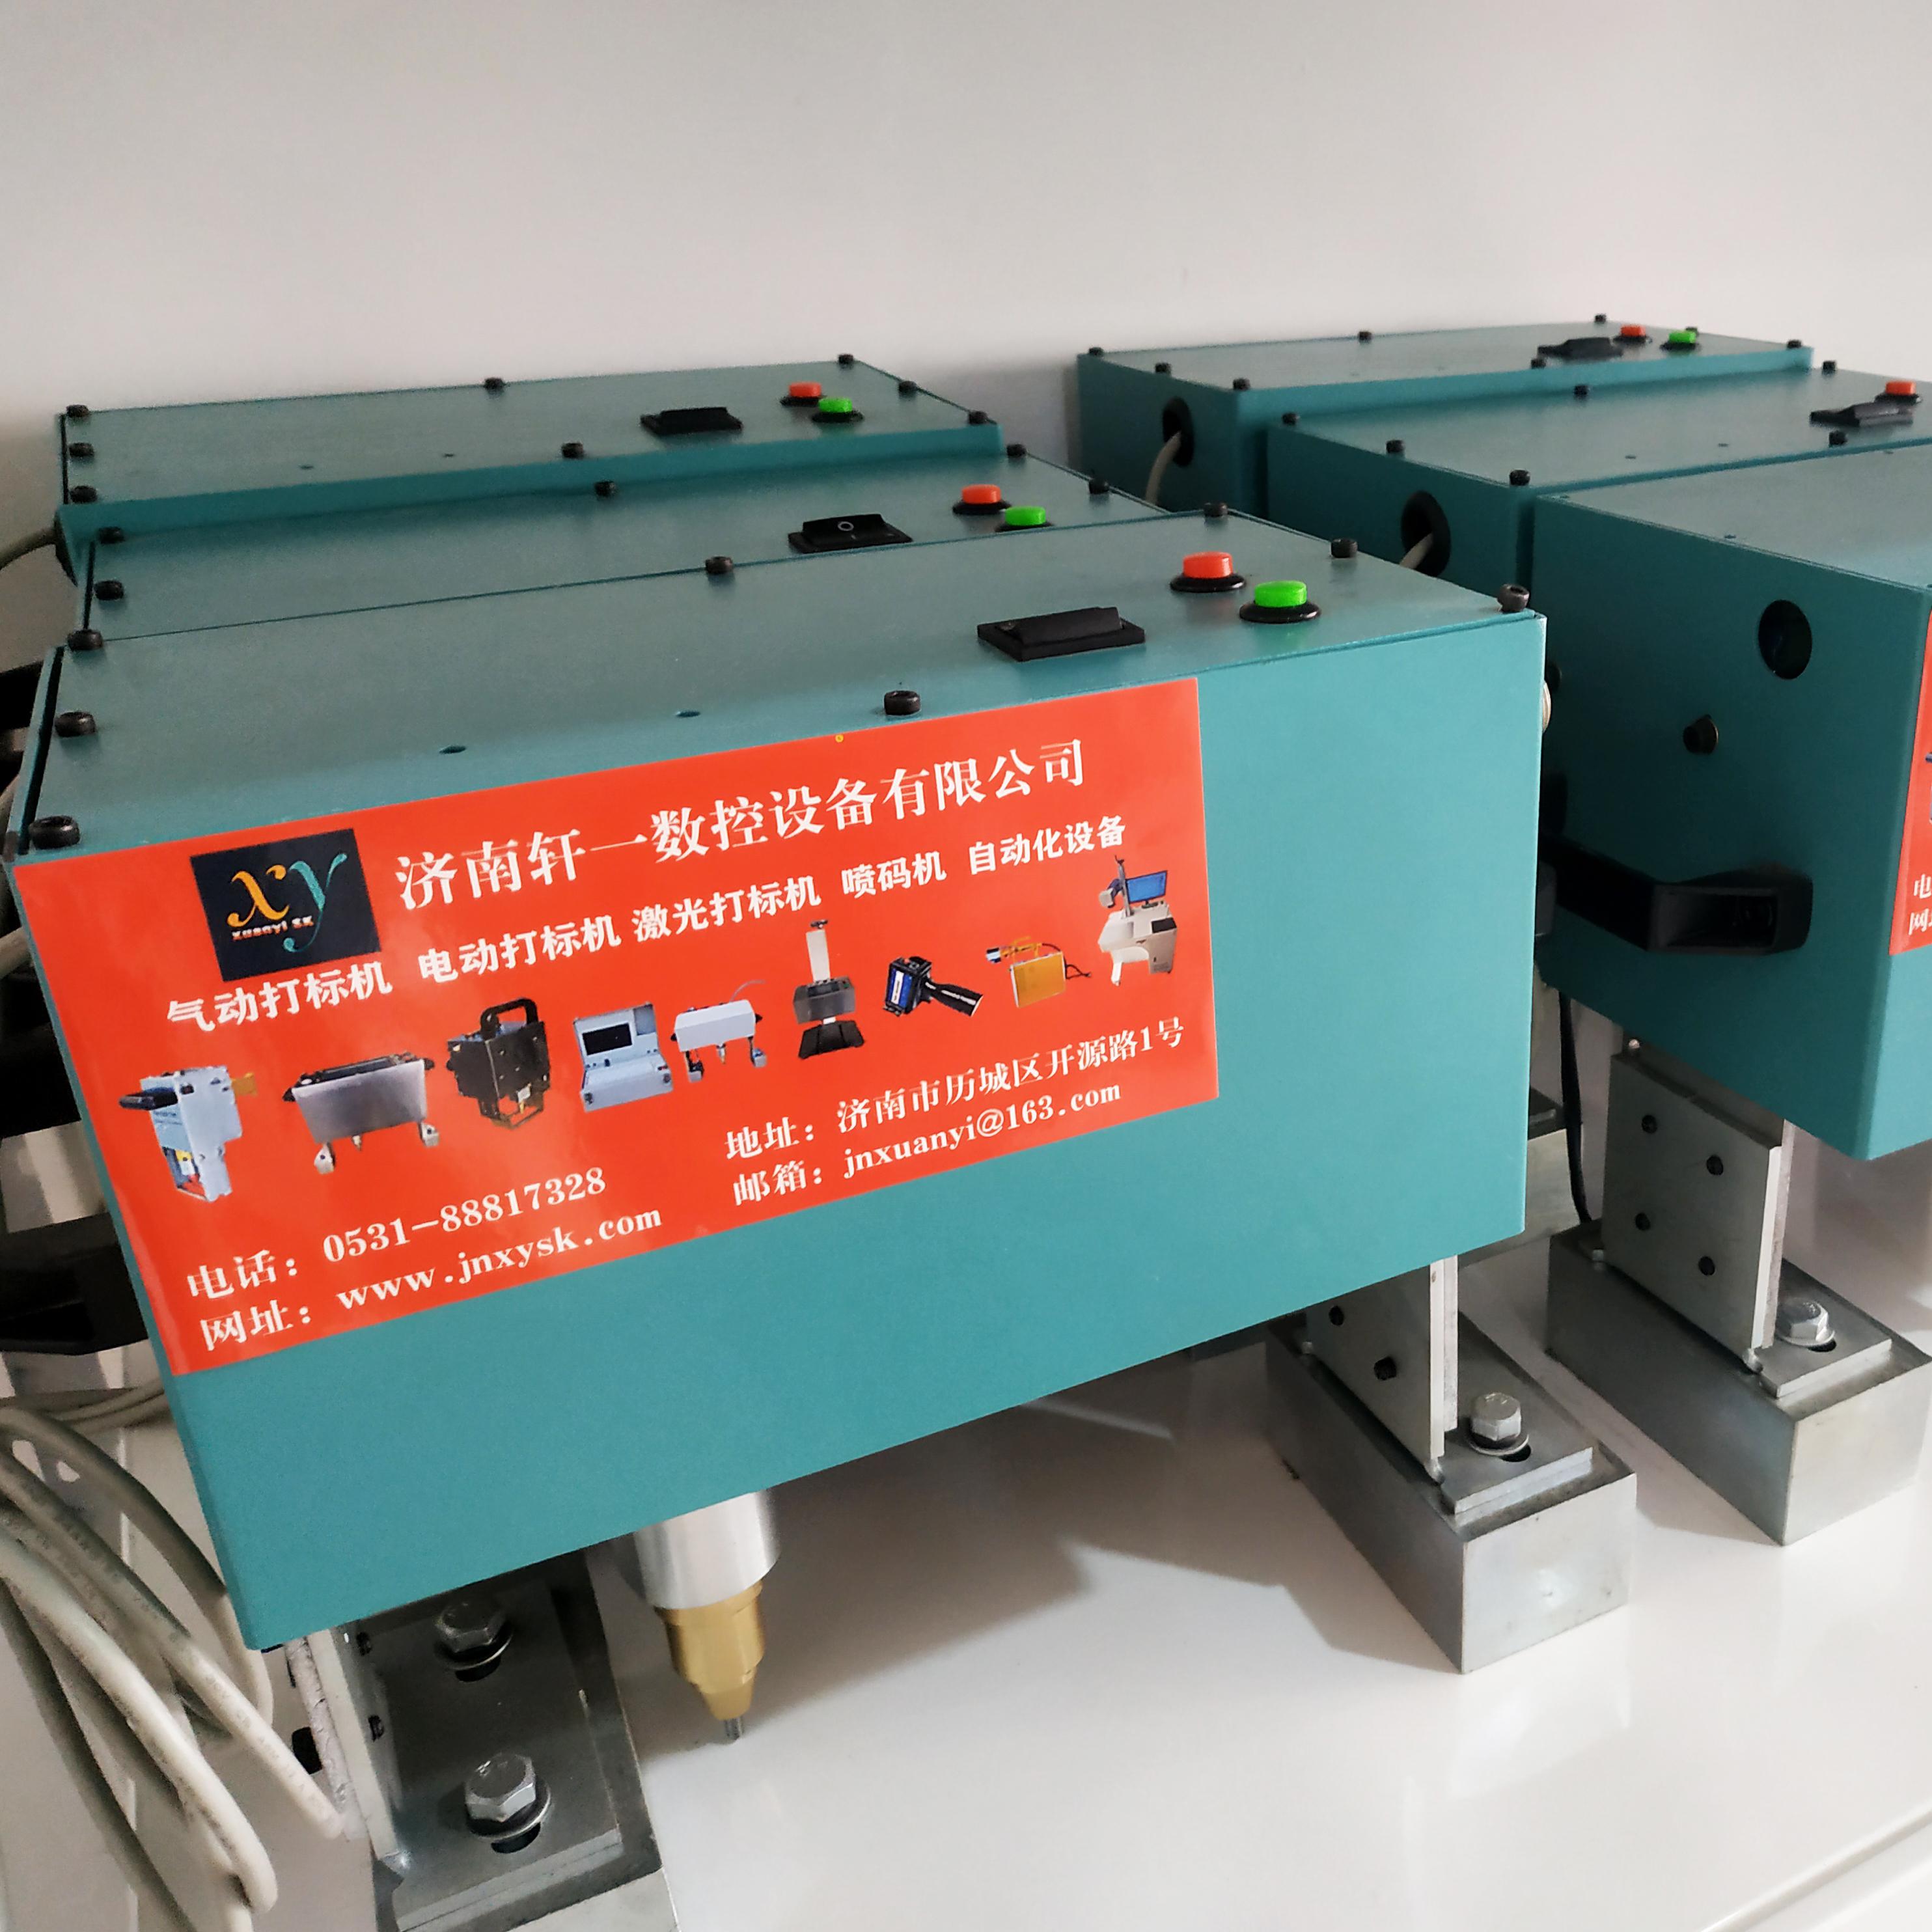 电脑型气动钢材打号机 铸件模具打码标识机 轩一数控 钢板深度打标机